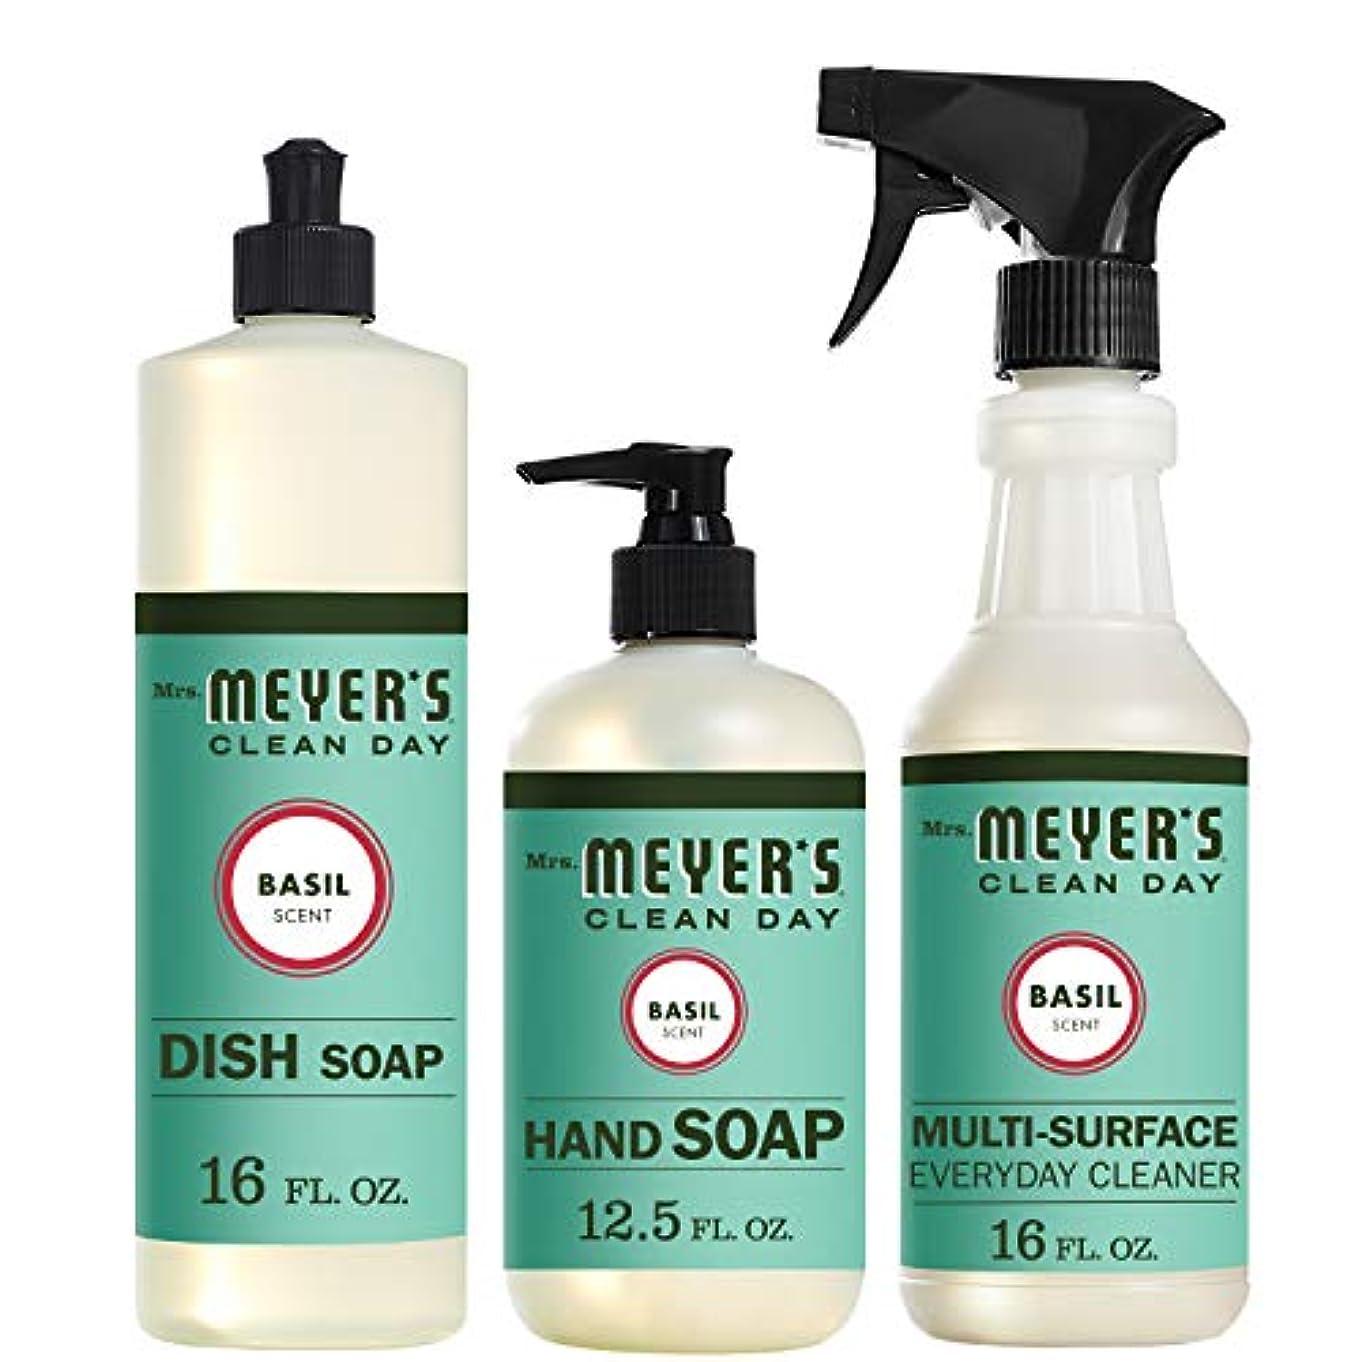 信頼性のある防止ドナーMrs。Meyers Clean Dayキッチン基本セット、バジル、Includes : Dish Soap (16 fl oz)、Hand Soap (12.5オンス、日常Multi - Surface Cleaner...